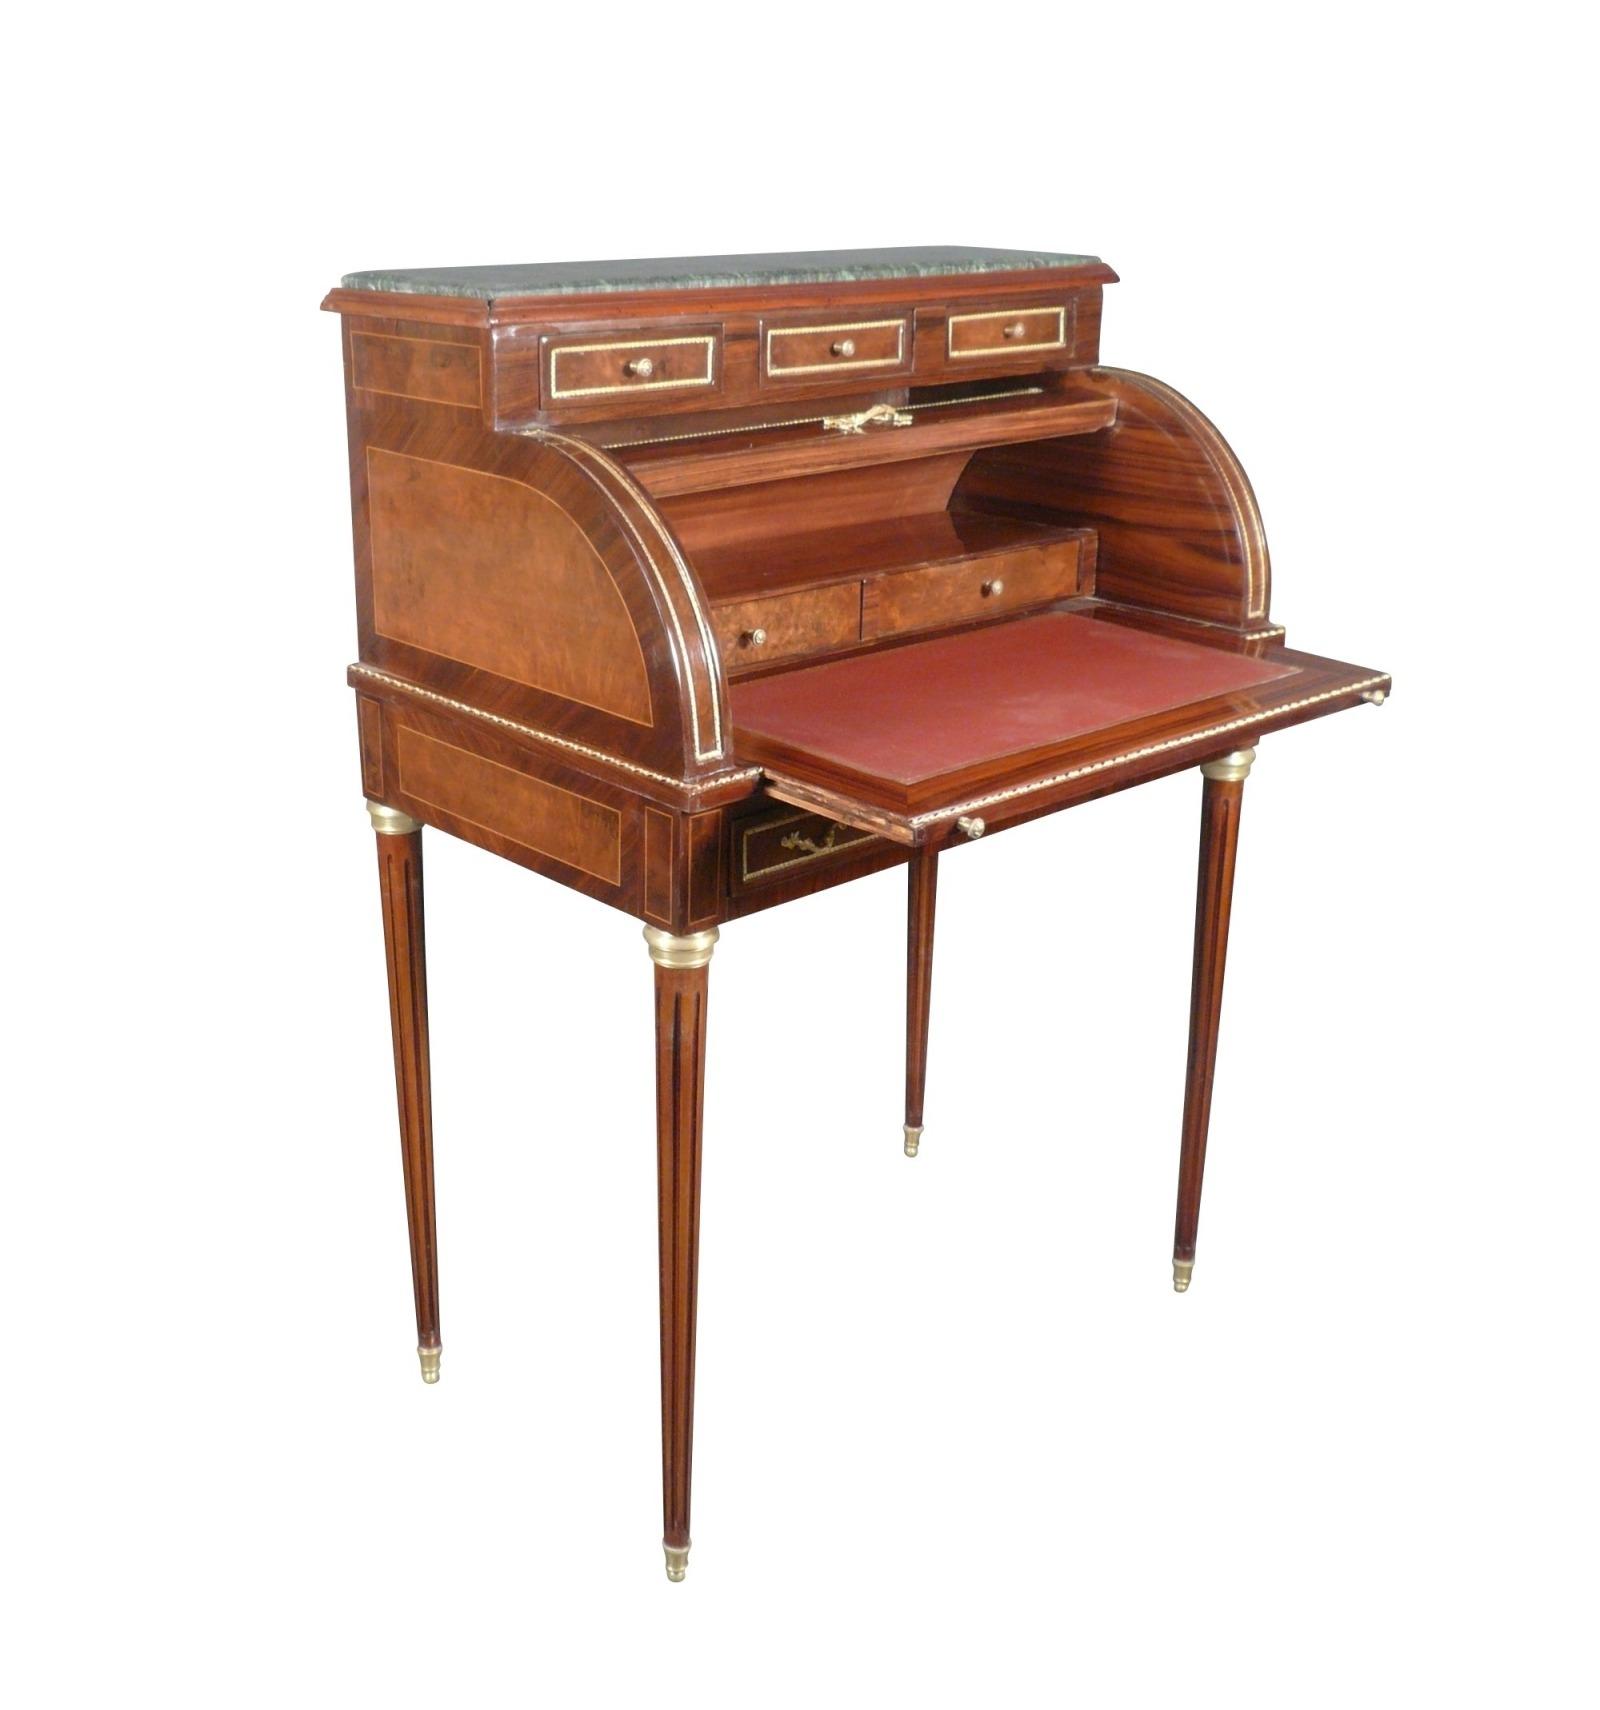 bureau louis xvi cylindre meuble de style ancien. Black Bedroom Furniture Sets. Home Design Ideas